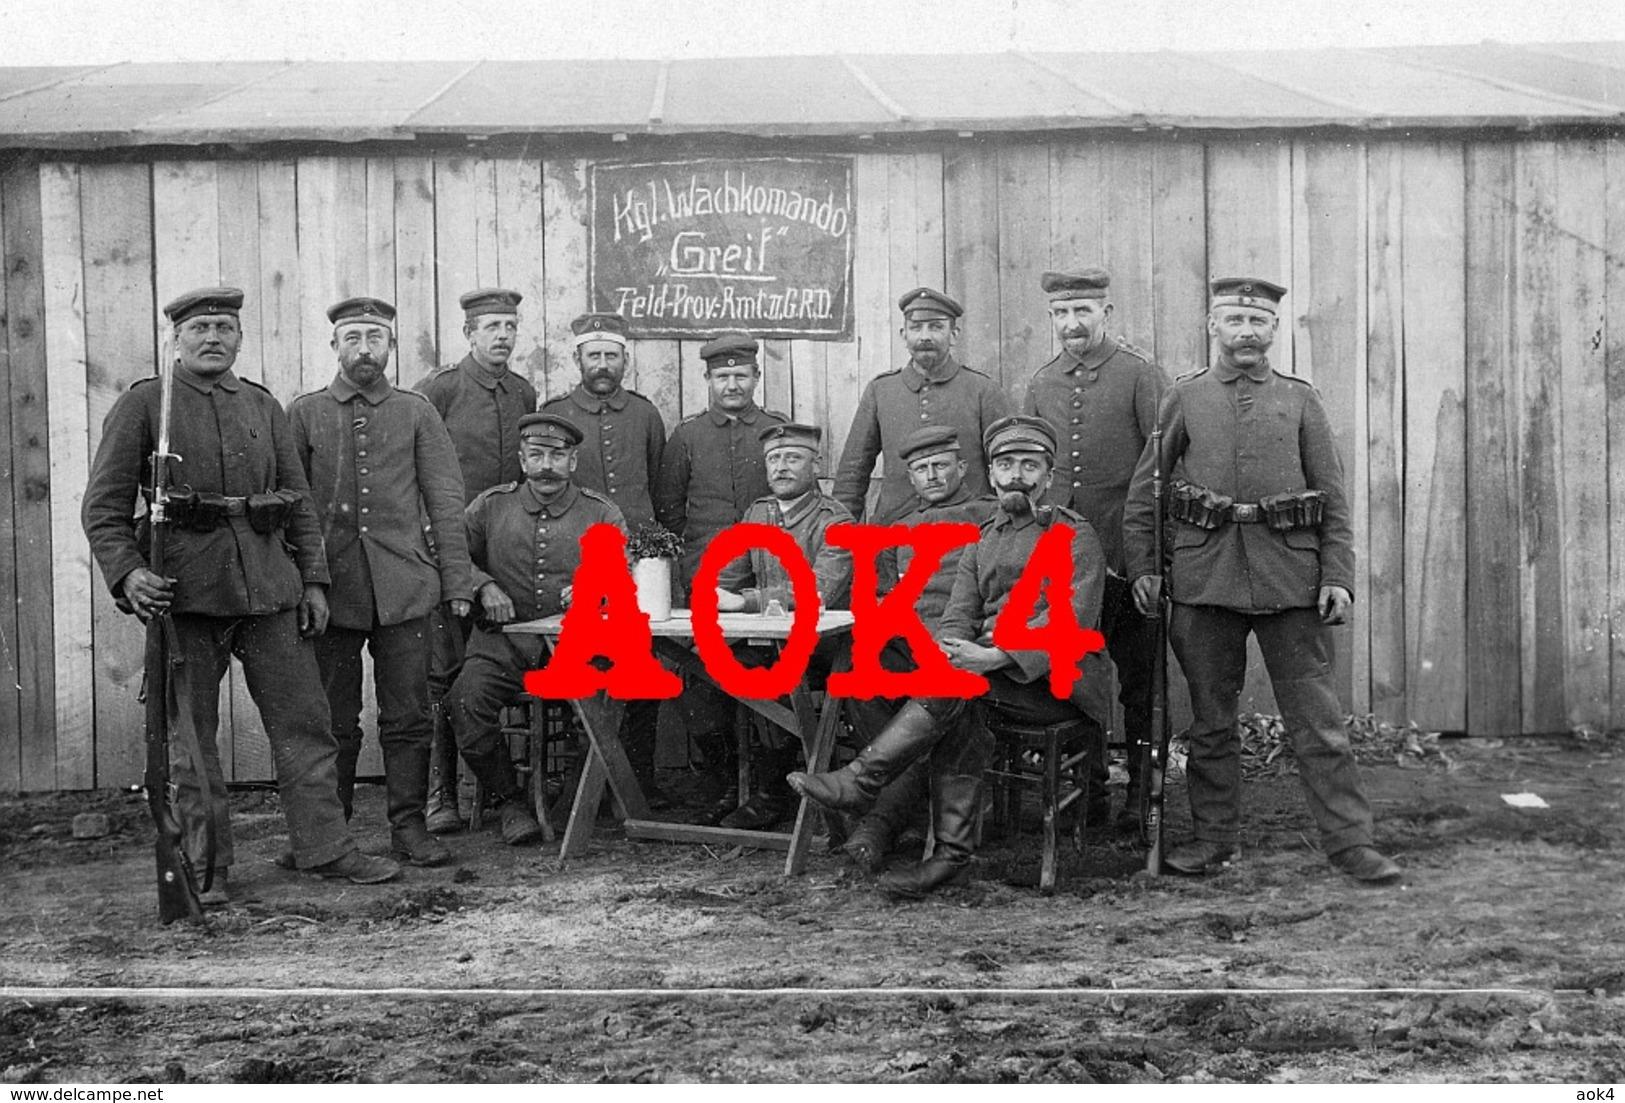 62 BELLONNE Arras Douai Nordfrankreich 1918 Occupation Allemande 2. Garde Reserve Division Sin Le Noble - Francia